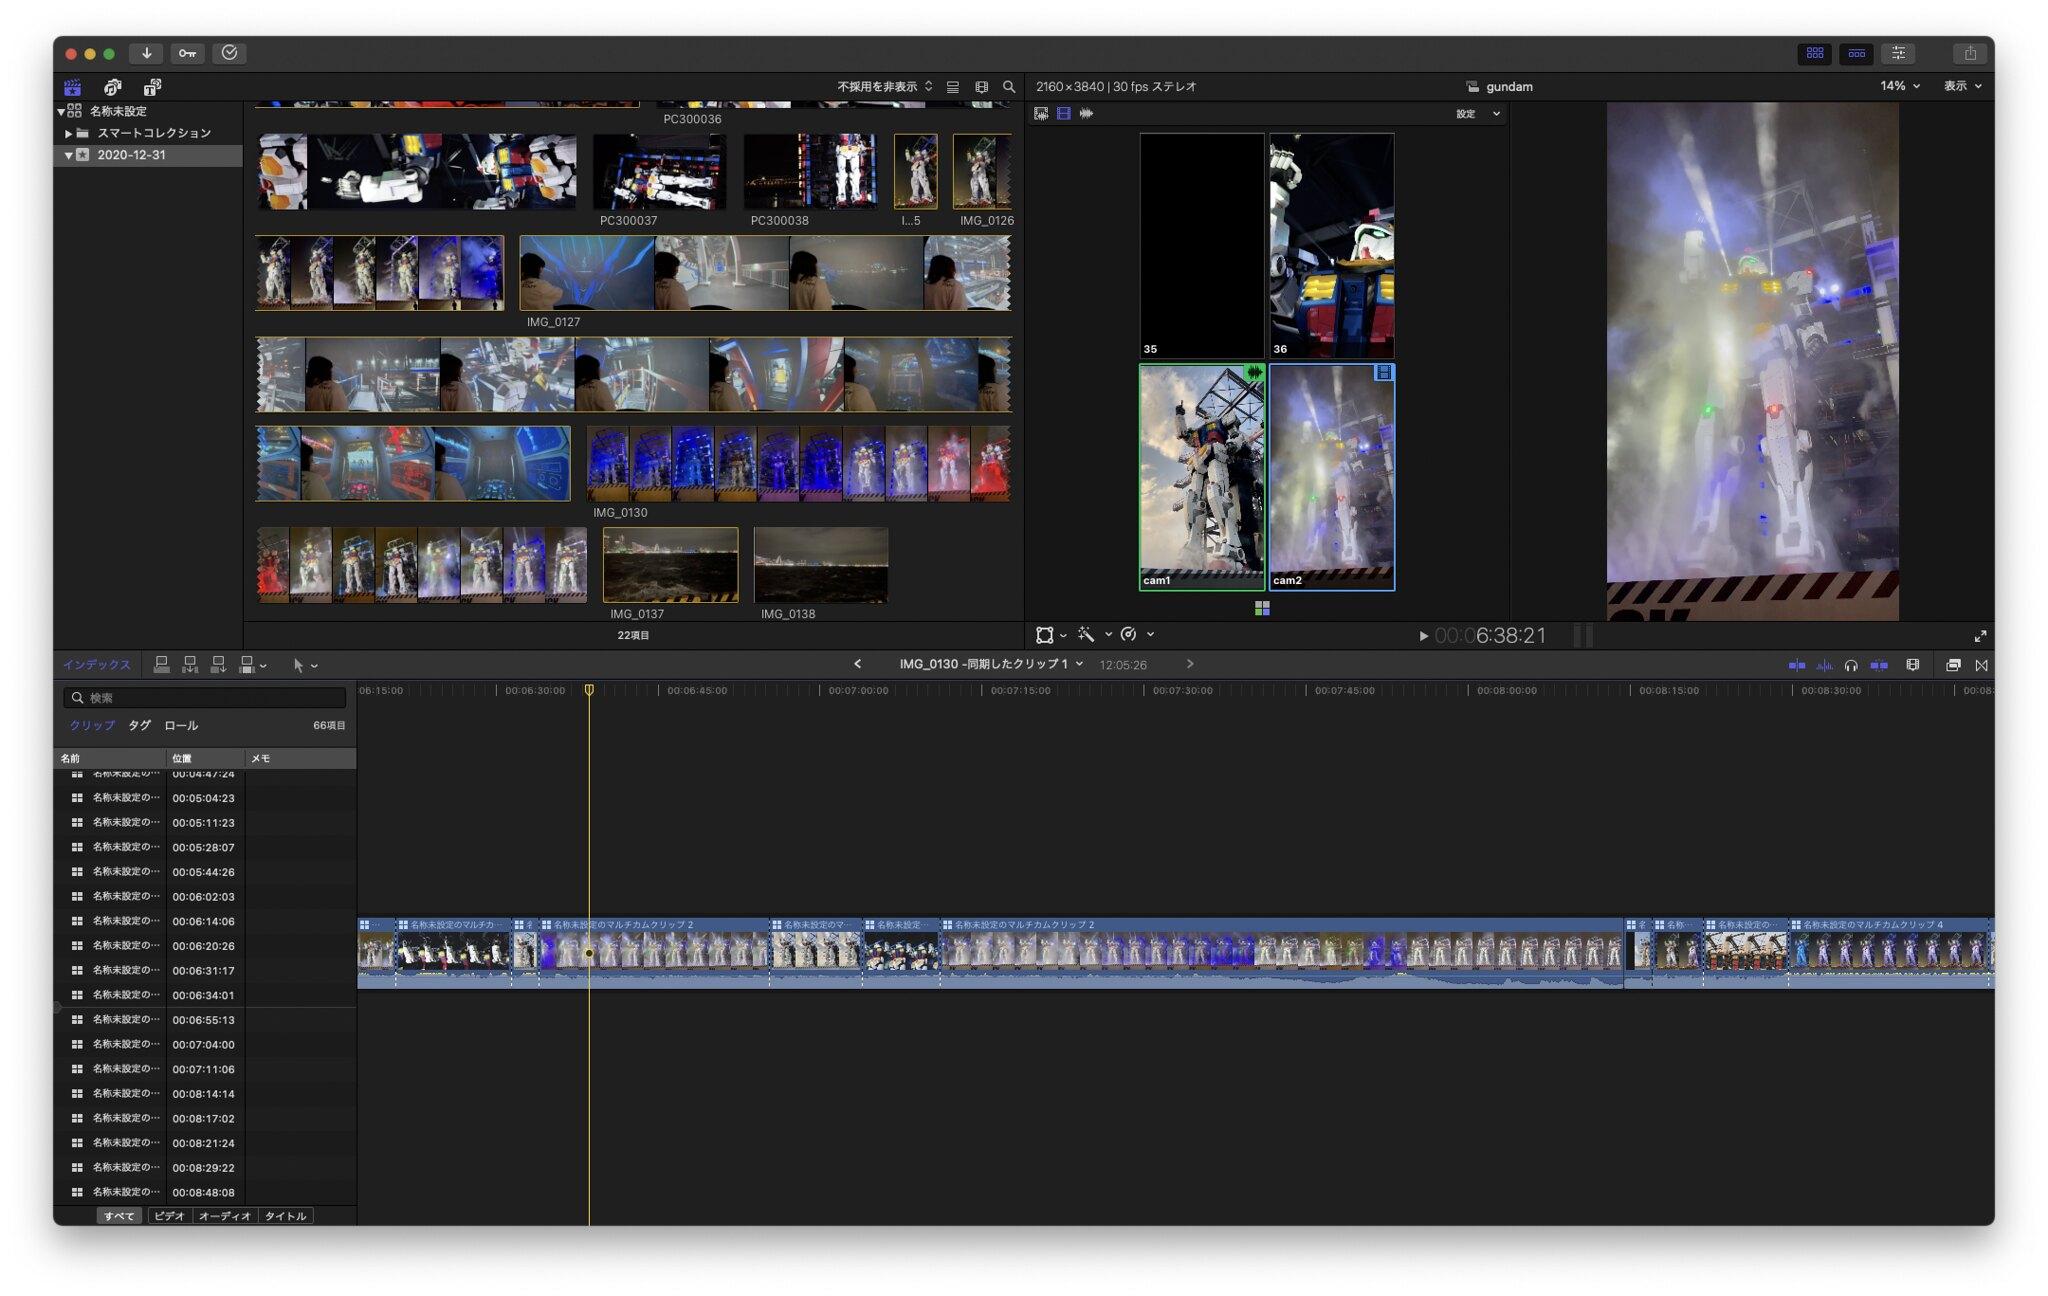 Final Cut Pro 複数のカメラ映像を音声でタイミングを合わせてマルチカム編集する方法